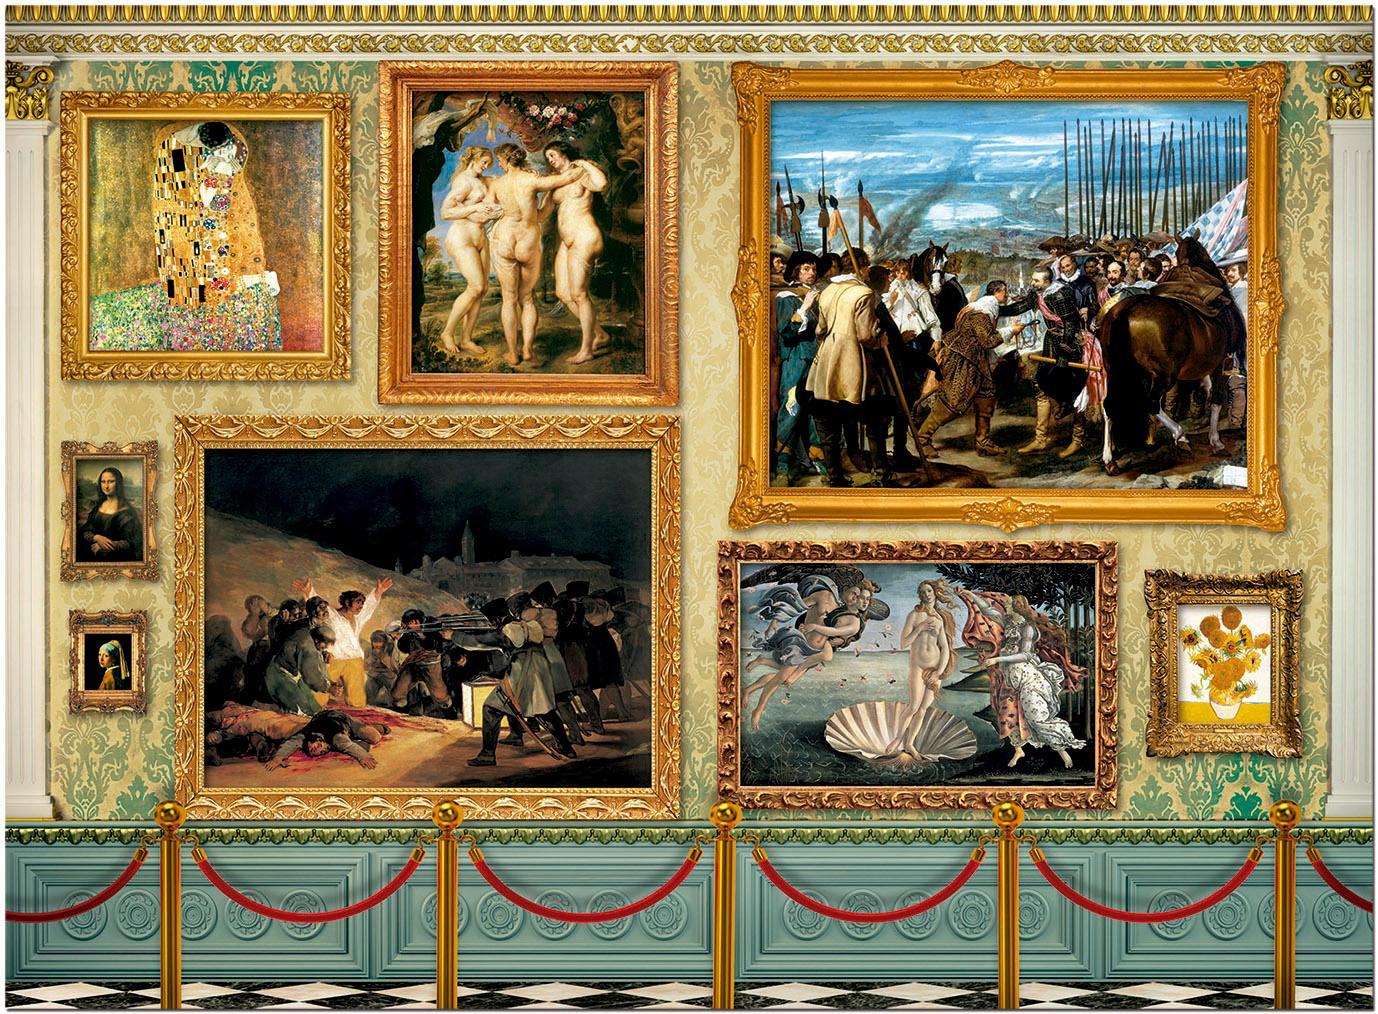 Educa Borrás - Grandes Obras de Arte Puzzle, 12000 piezas (17137): Amazon.es: Juguetes y juegos